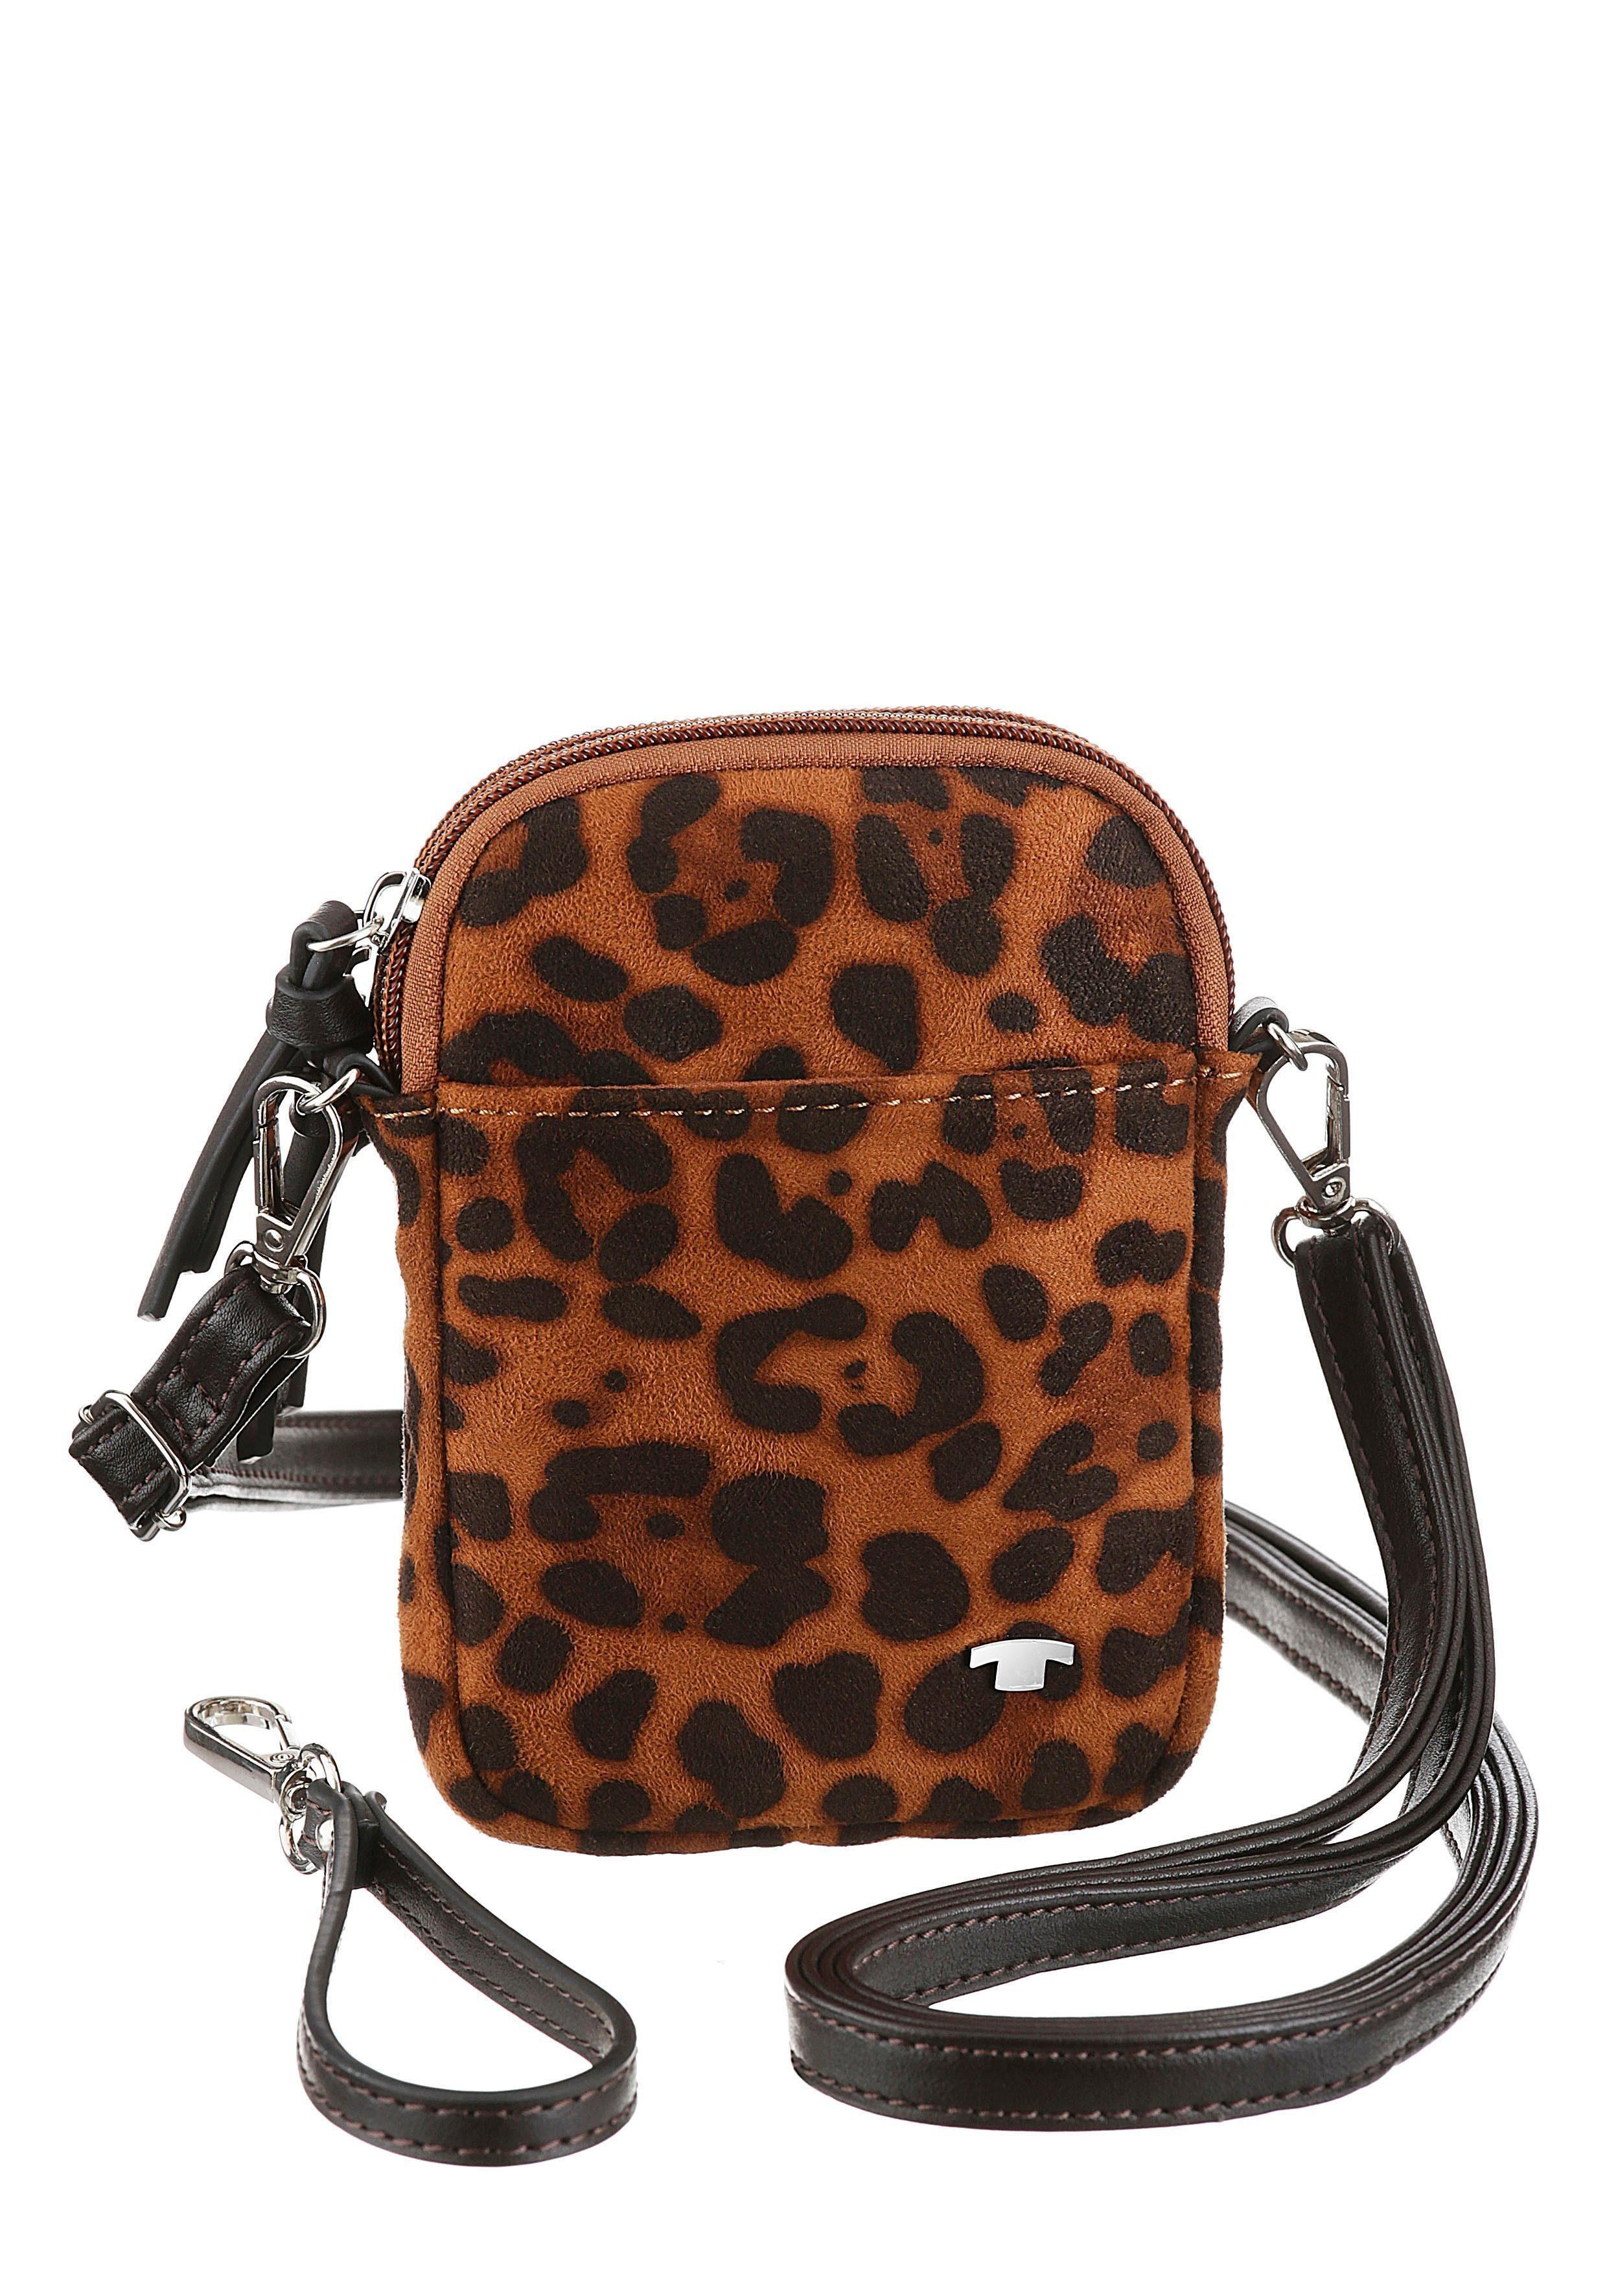 TOM TAILOR Mini Bag PHONE BAG | Taschen > Handtaschen > Abendtaschen | Braun | Tom Tailor